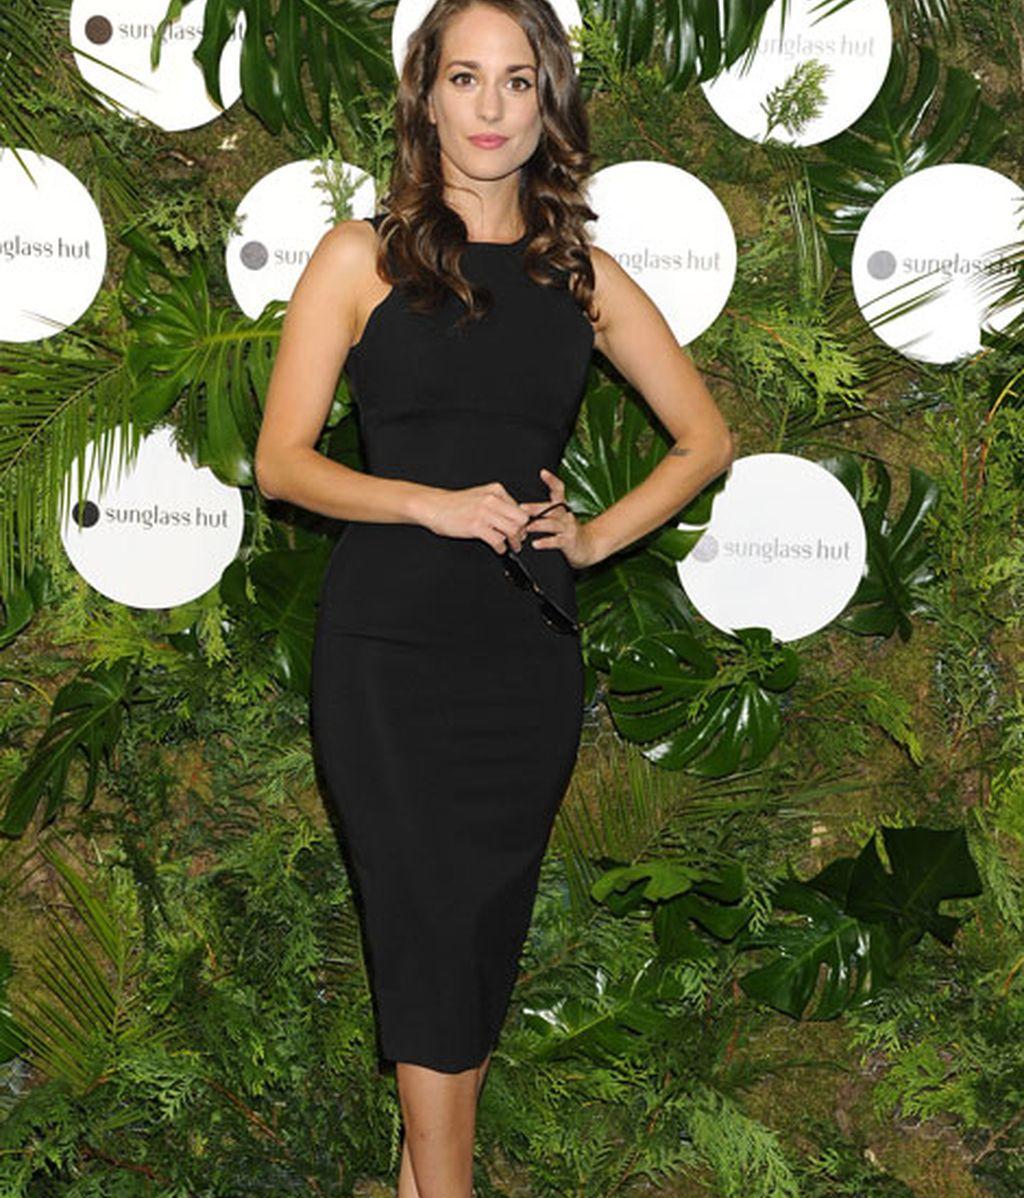 La actriz Silvia Alonso también escogió un vestido en color negro